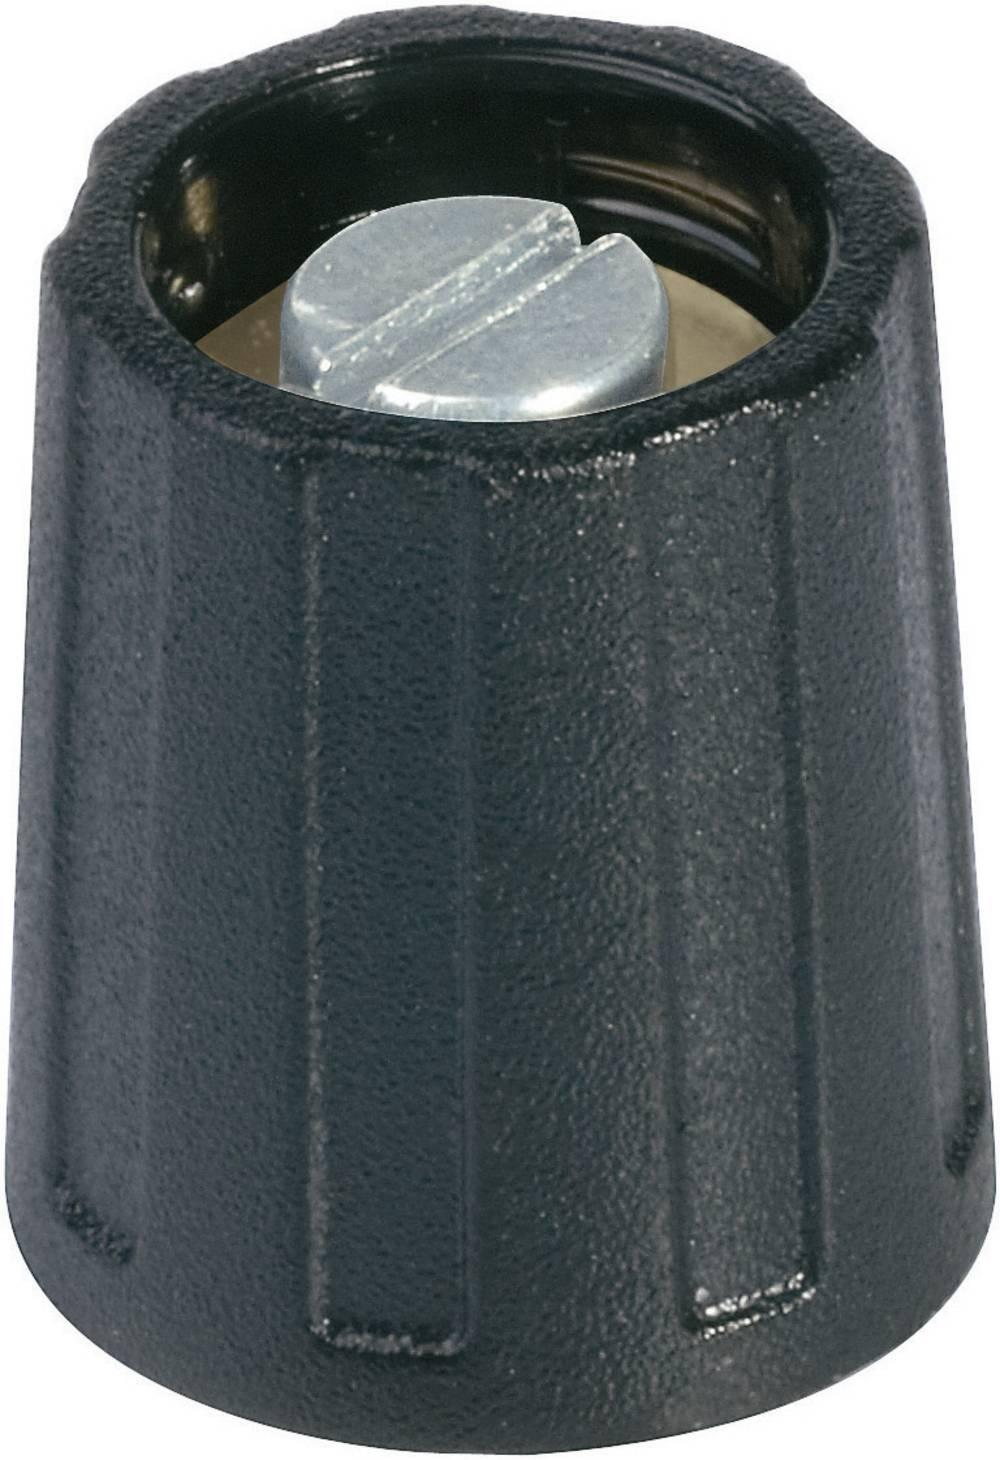 OKW Okrugli gumb promjera 10 mmcrna promjer osi 4 mm